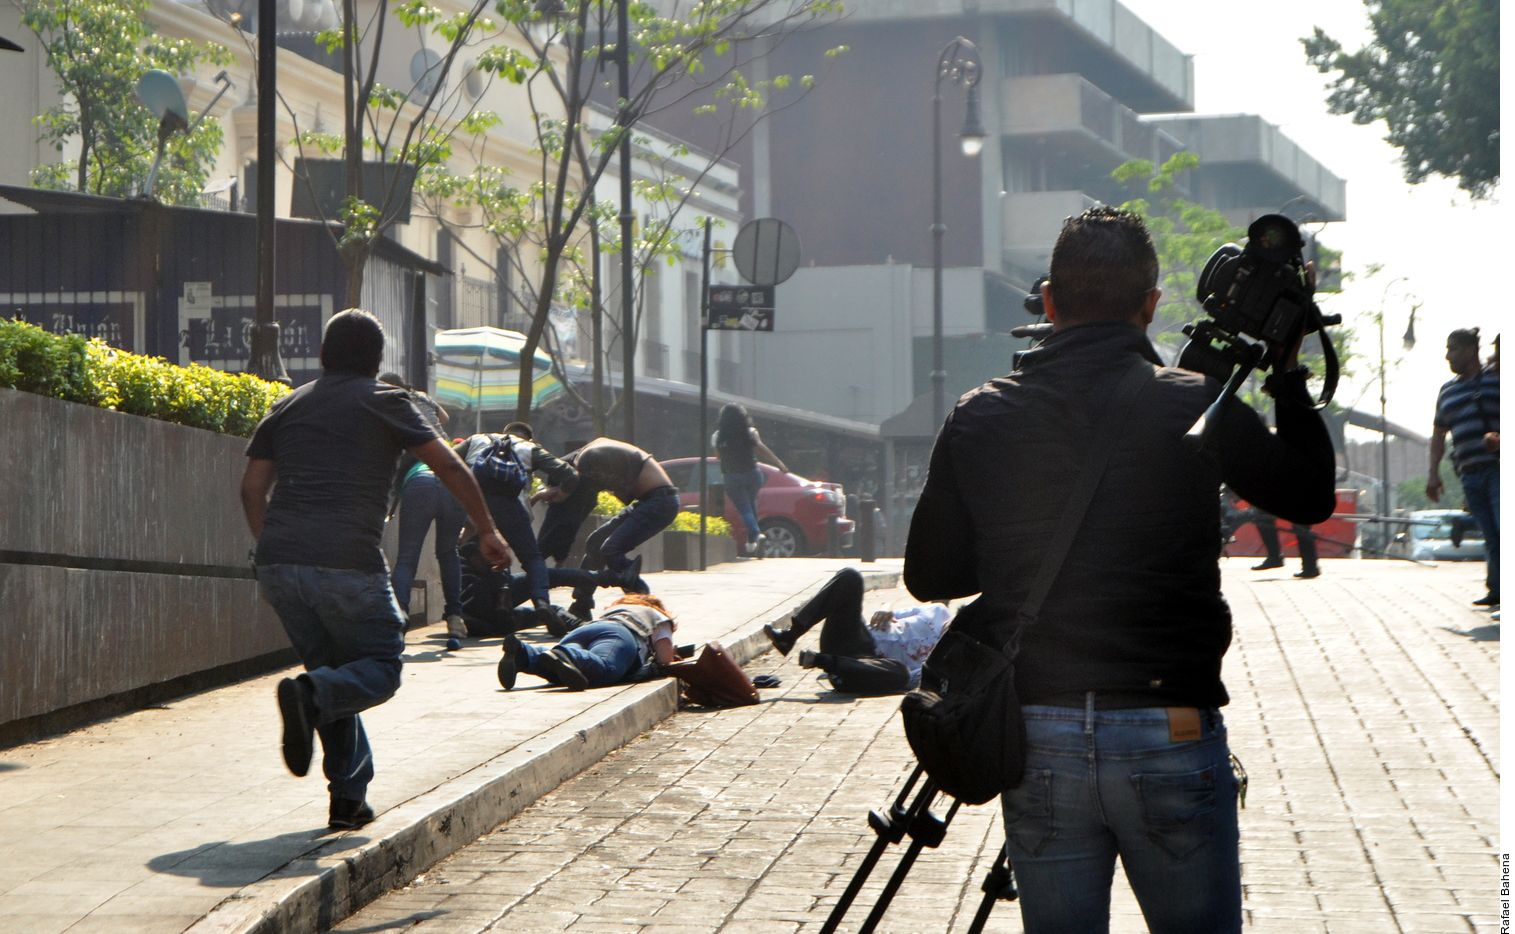 Las detonaciones causaron zozobra en habitantes y turistas que se encontraban en la explanada principal de Cuernavaca, que corrieron o se tiraron al piso para protegerse de una bala perdida./ AGENCIA REFORMA